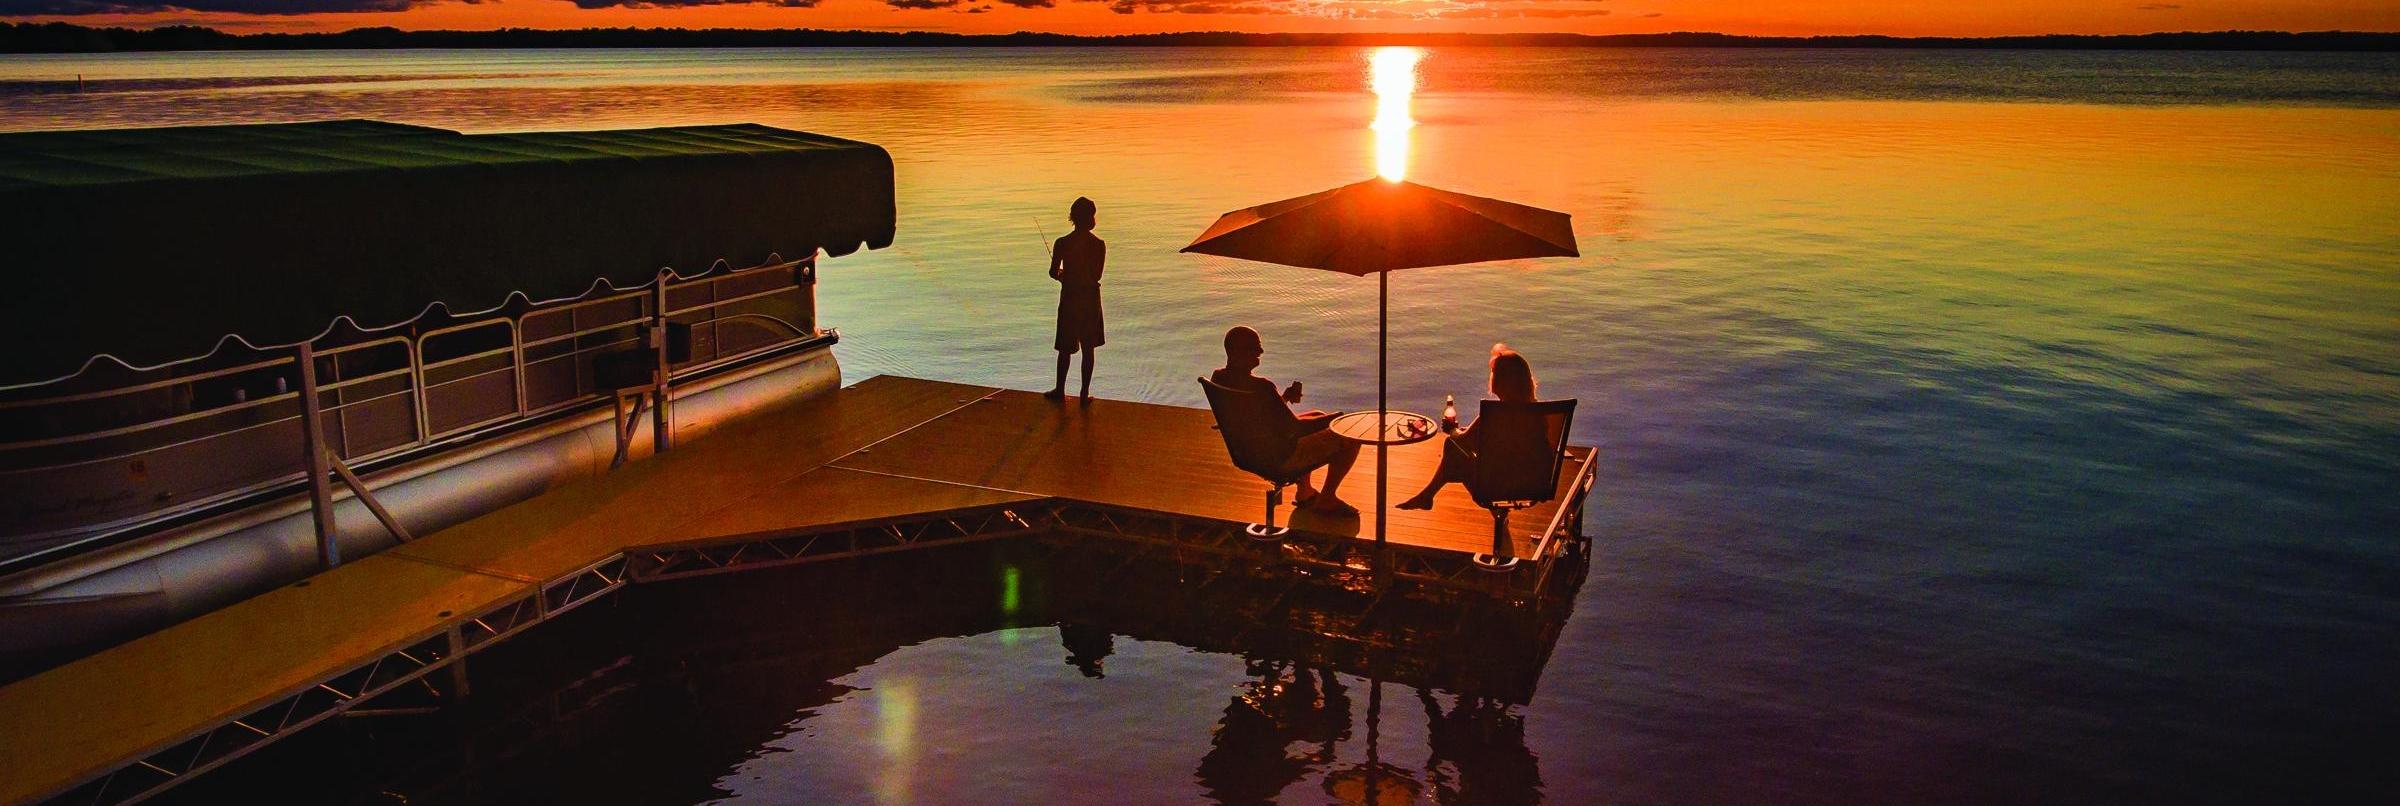 FLOE_Dock_Lift_Sunset_Family.jpg